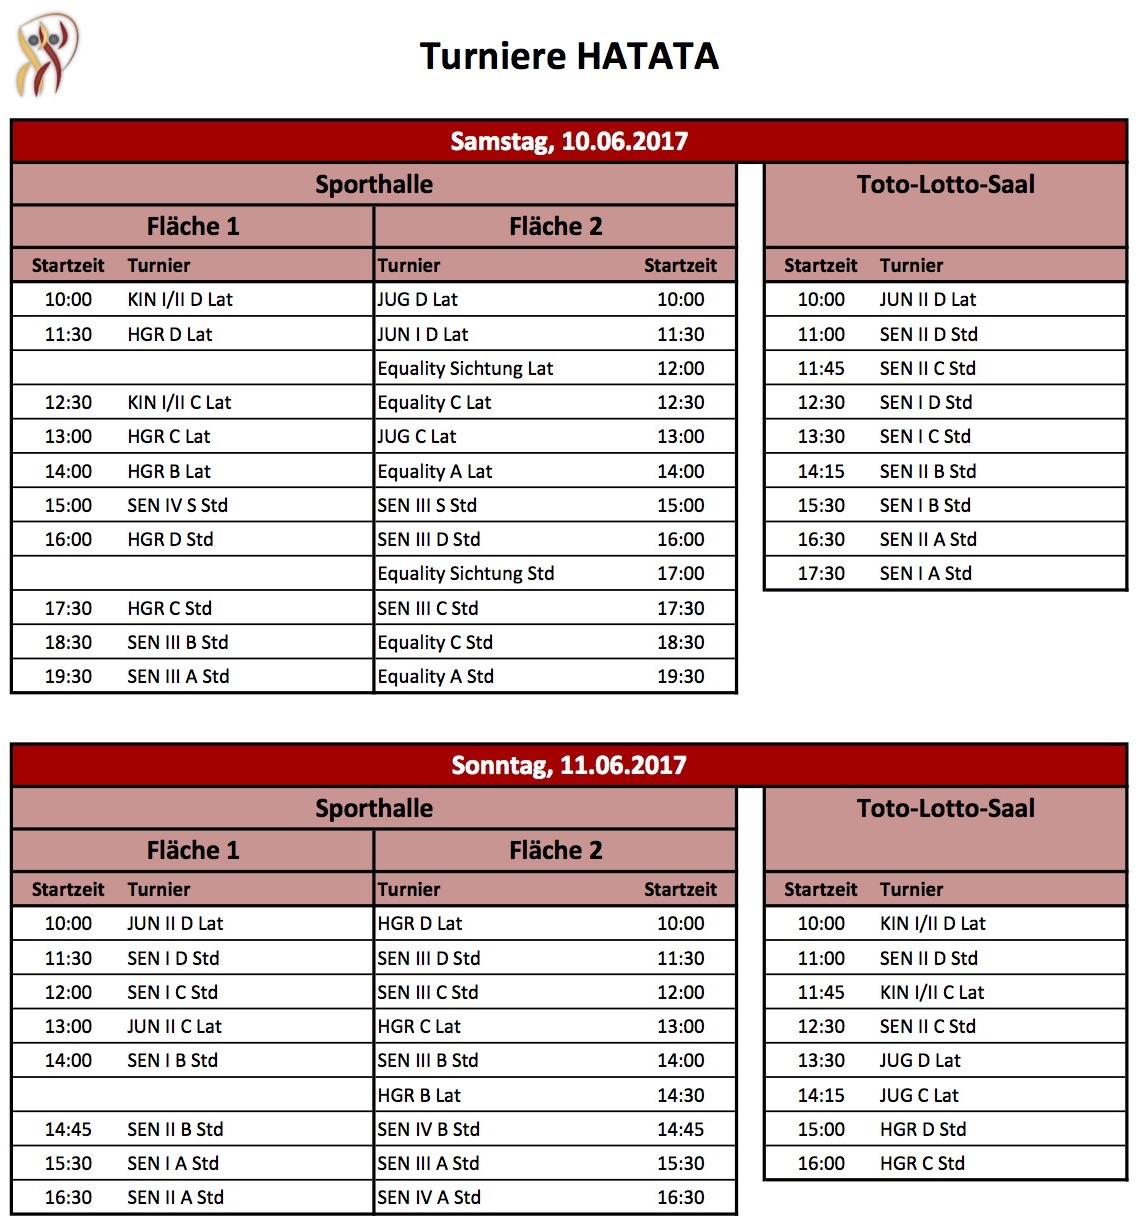 HATATAs 2017 - vorläufiger Turnierplan